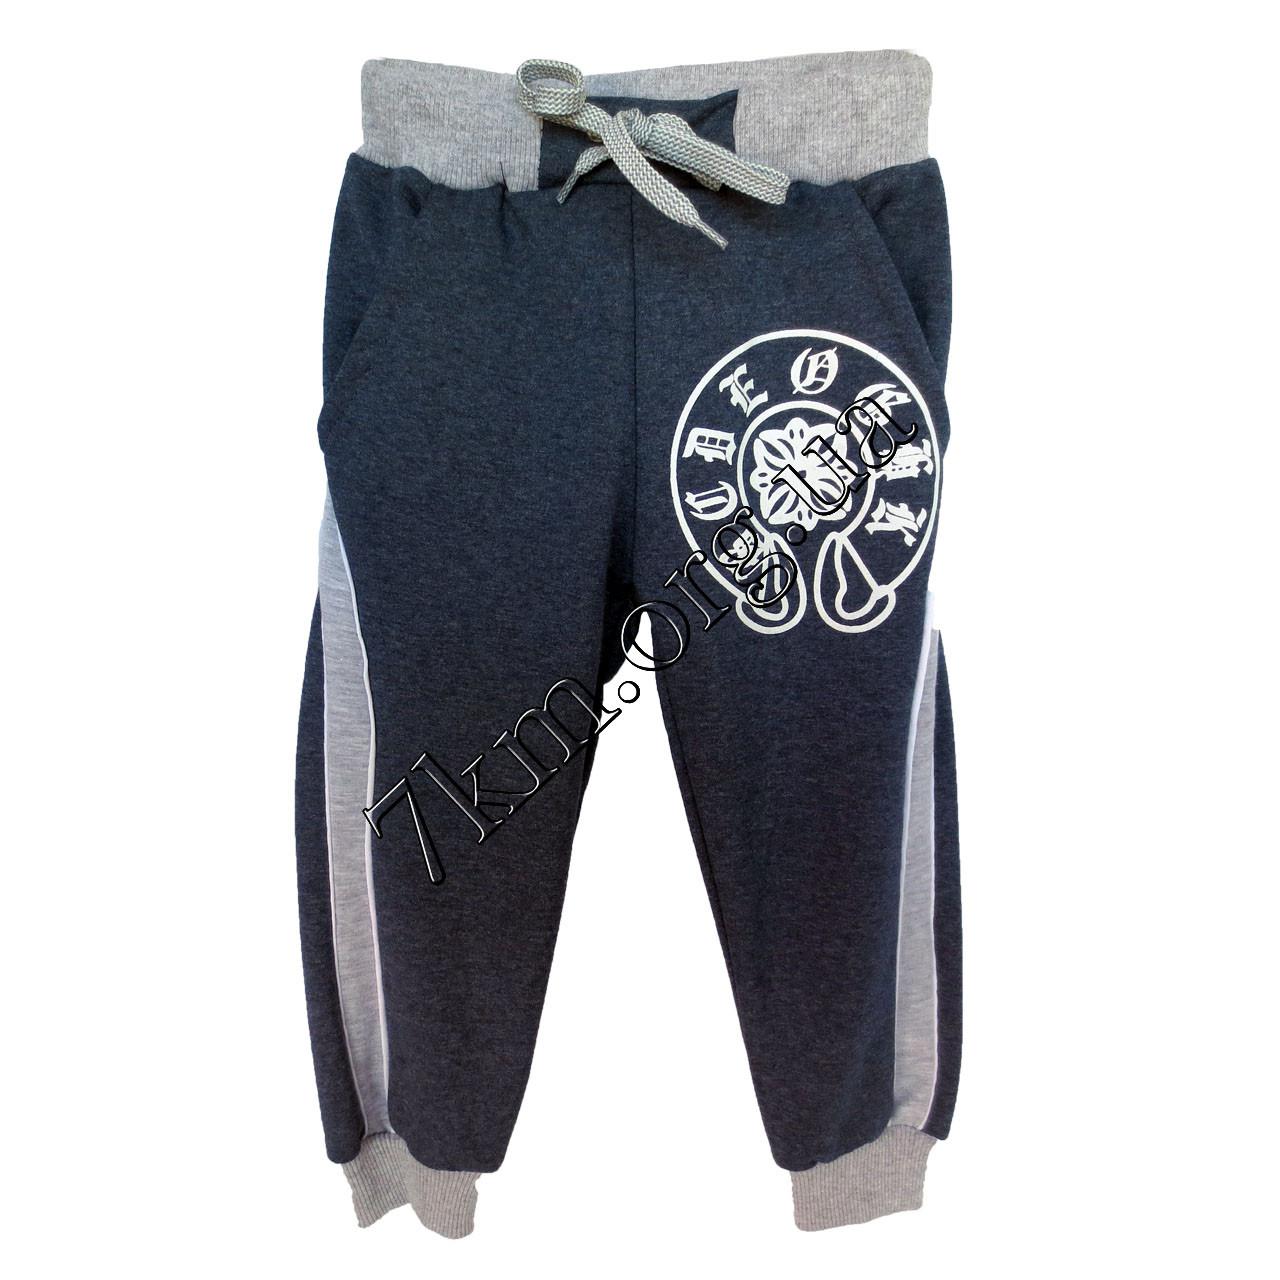 Спортивные штаны Подкова для мальчиков (2-5лет) трикотажные Джинс